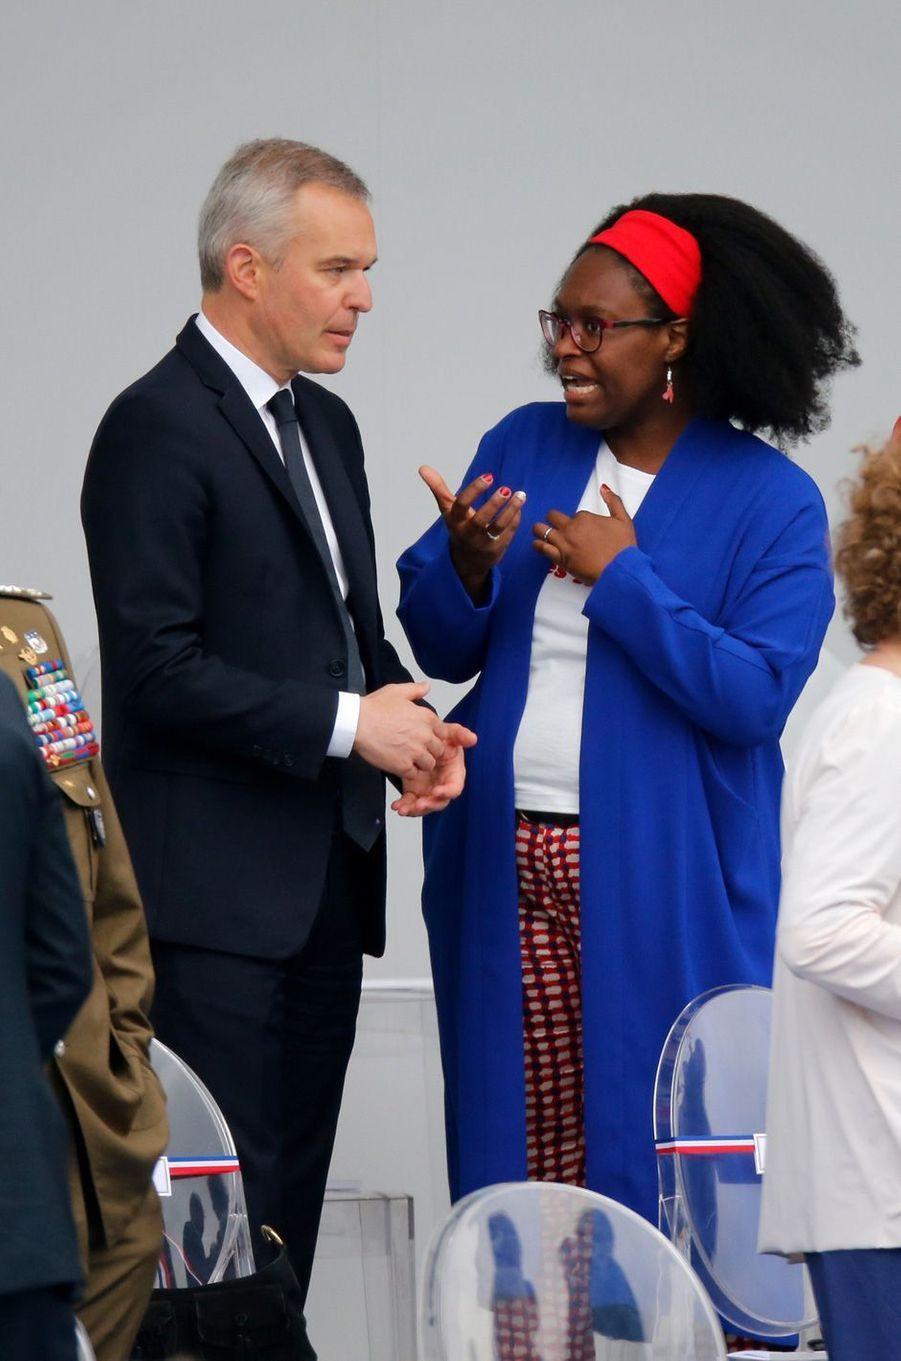 François de Rugy avec la porte-parole du gouvernementSibethNdiaye.